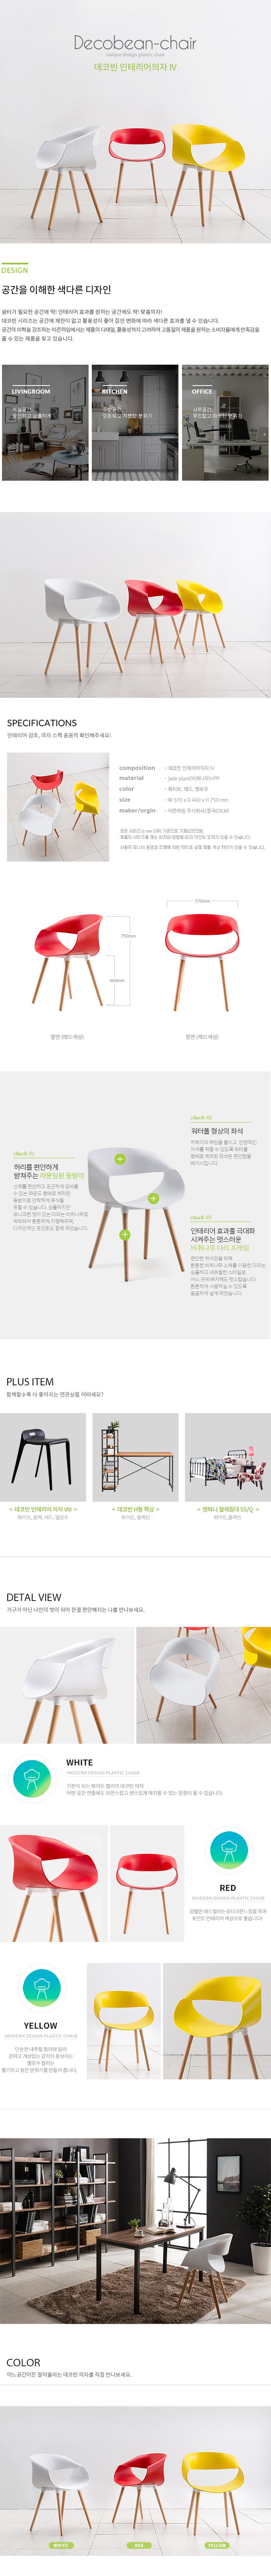 데코빈 인테리어의자4 - 미즌하임, 54,900원, 디자인 의자, 플라스틱의자